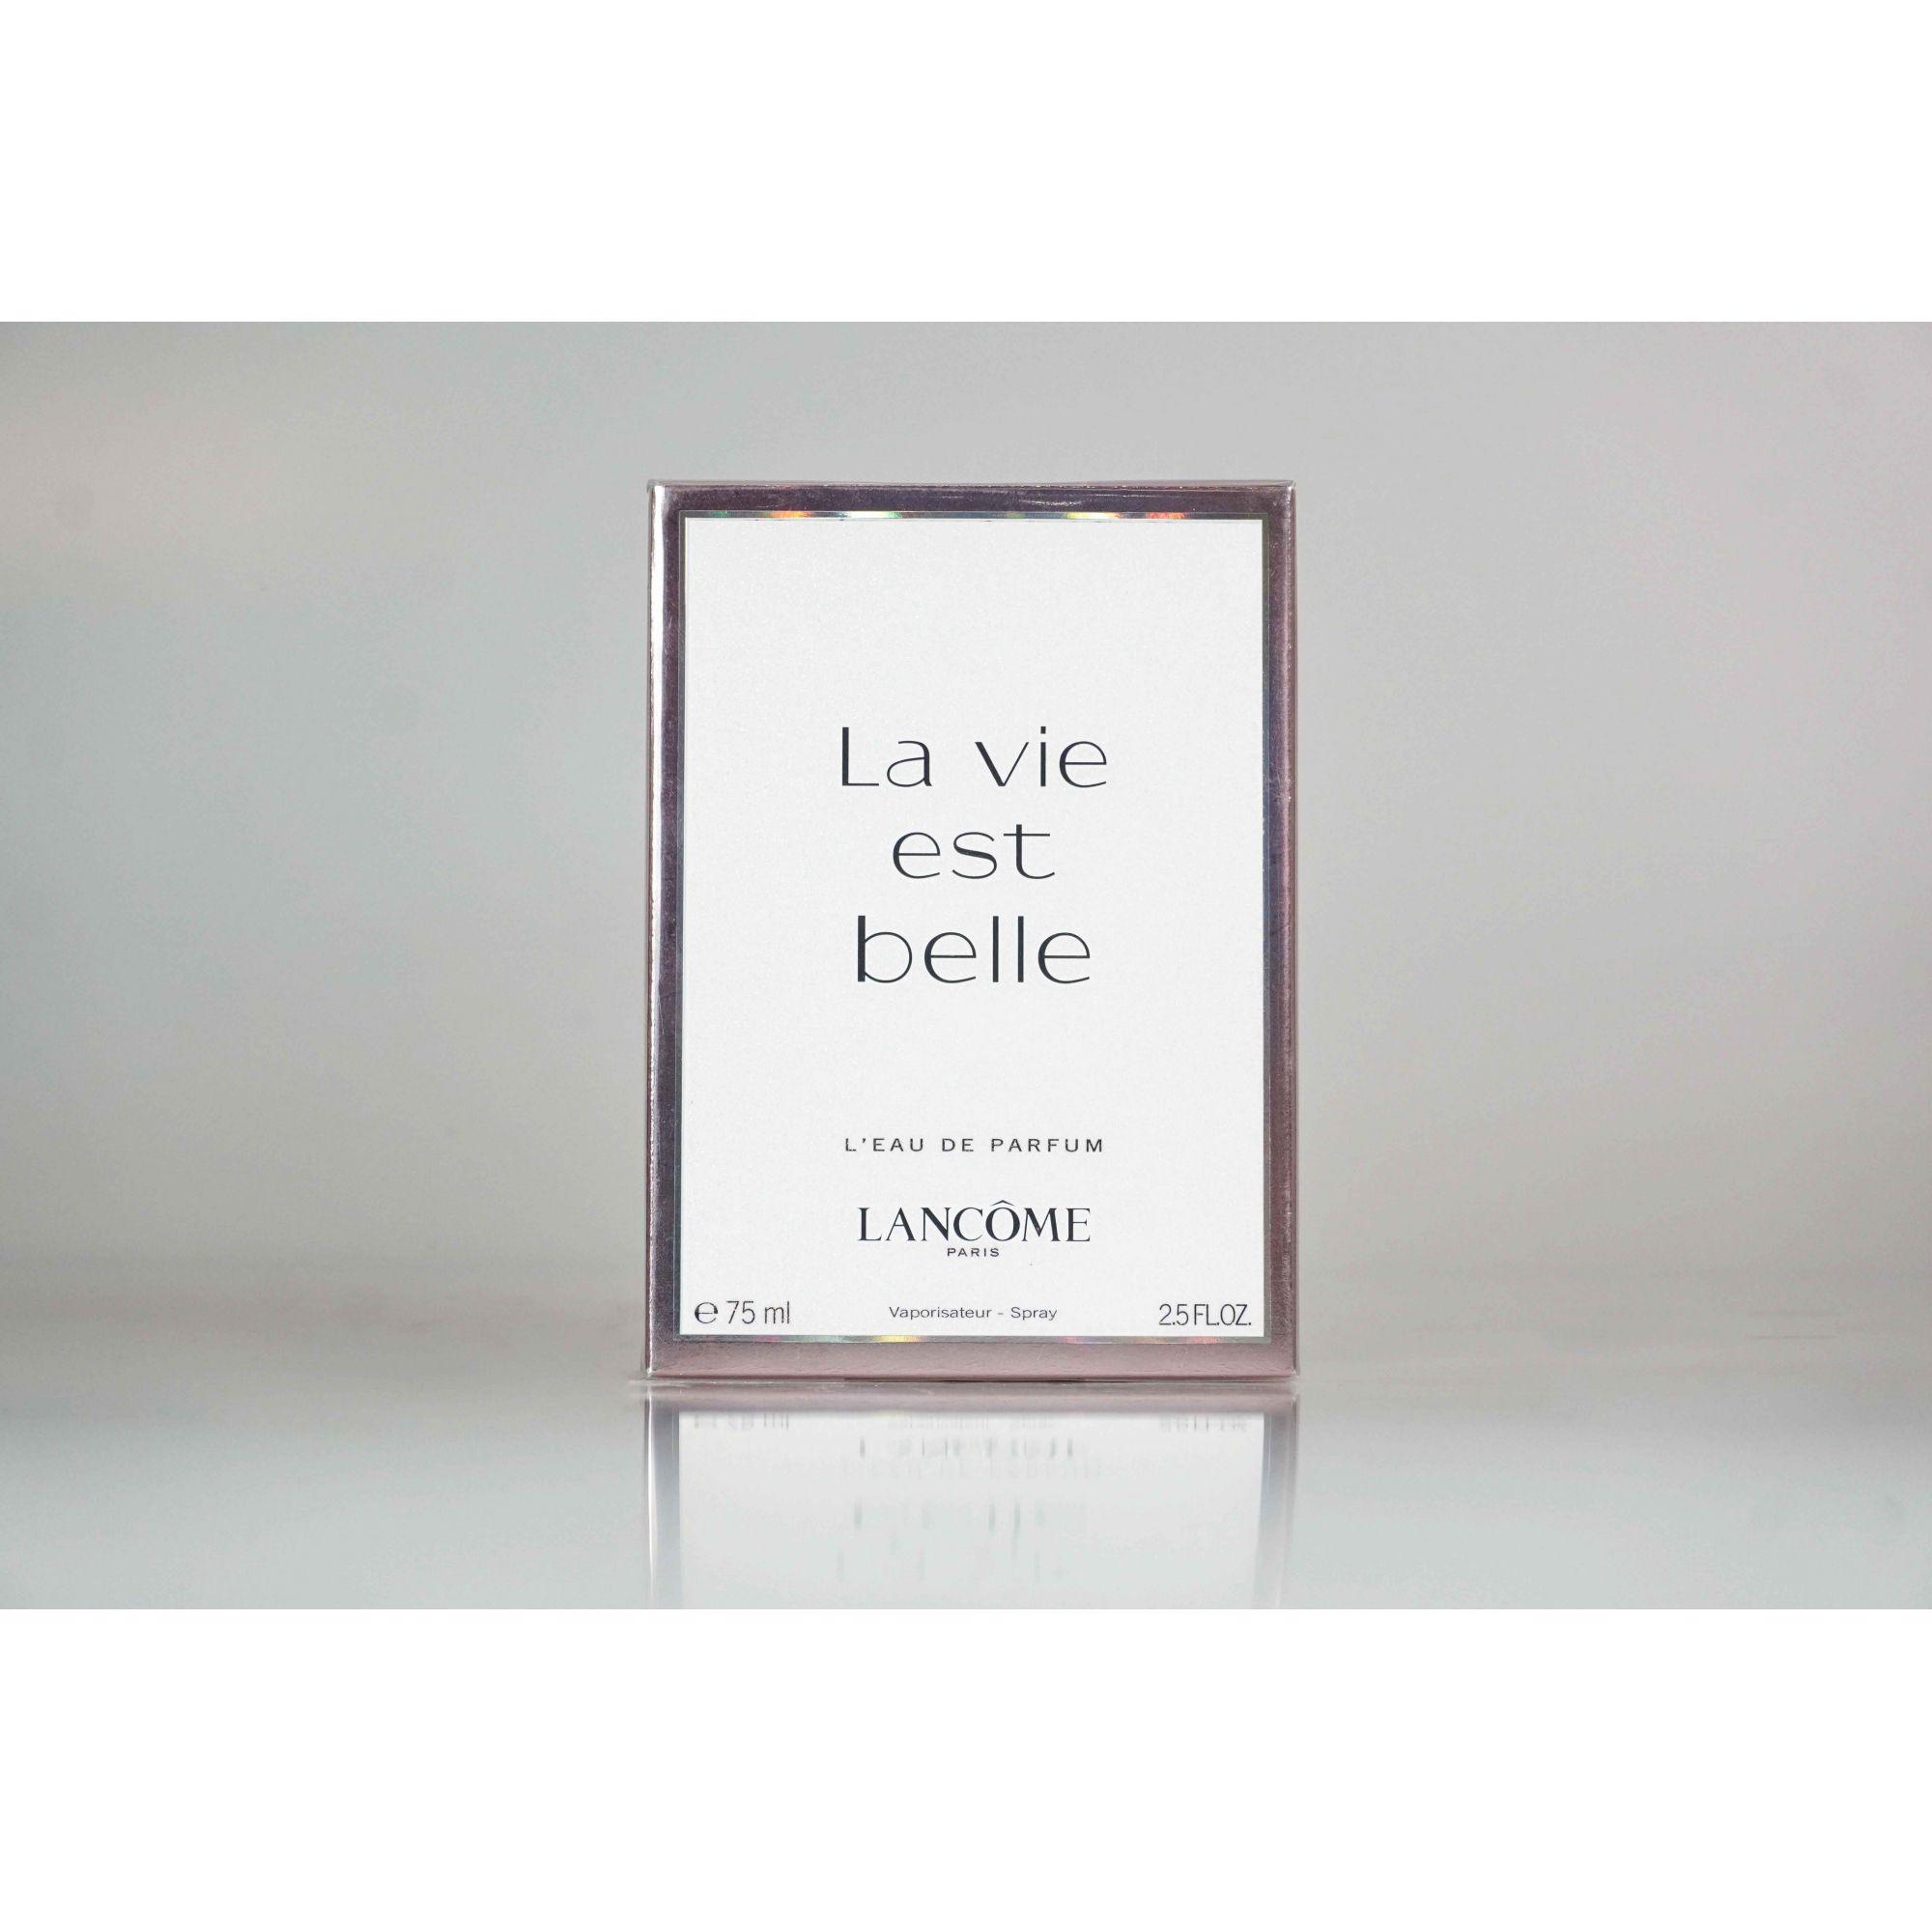 L'eau De Toilette Importado Lancôme La Vie Est Belle - 75ml